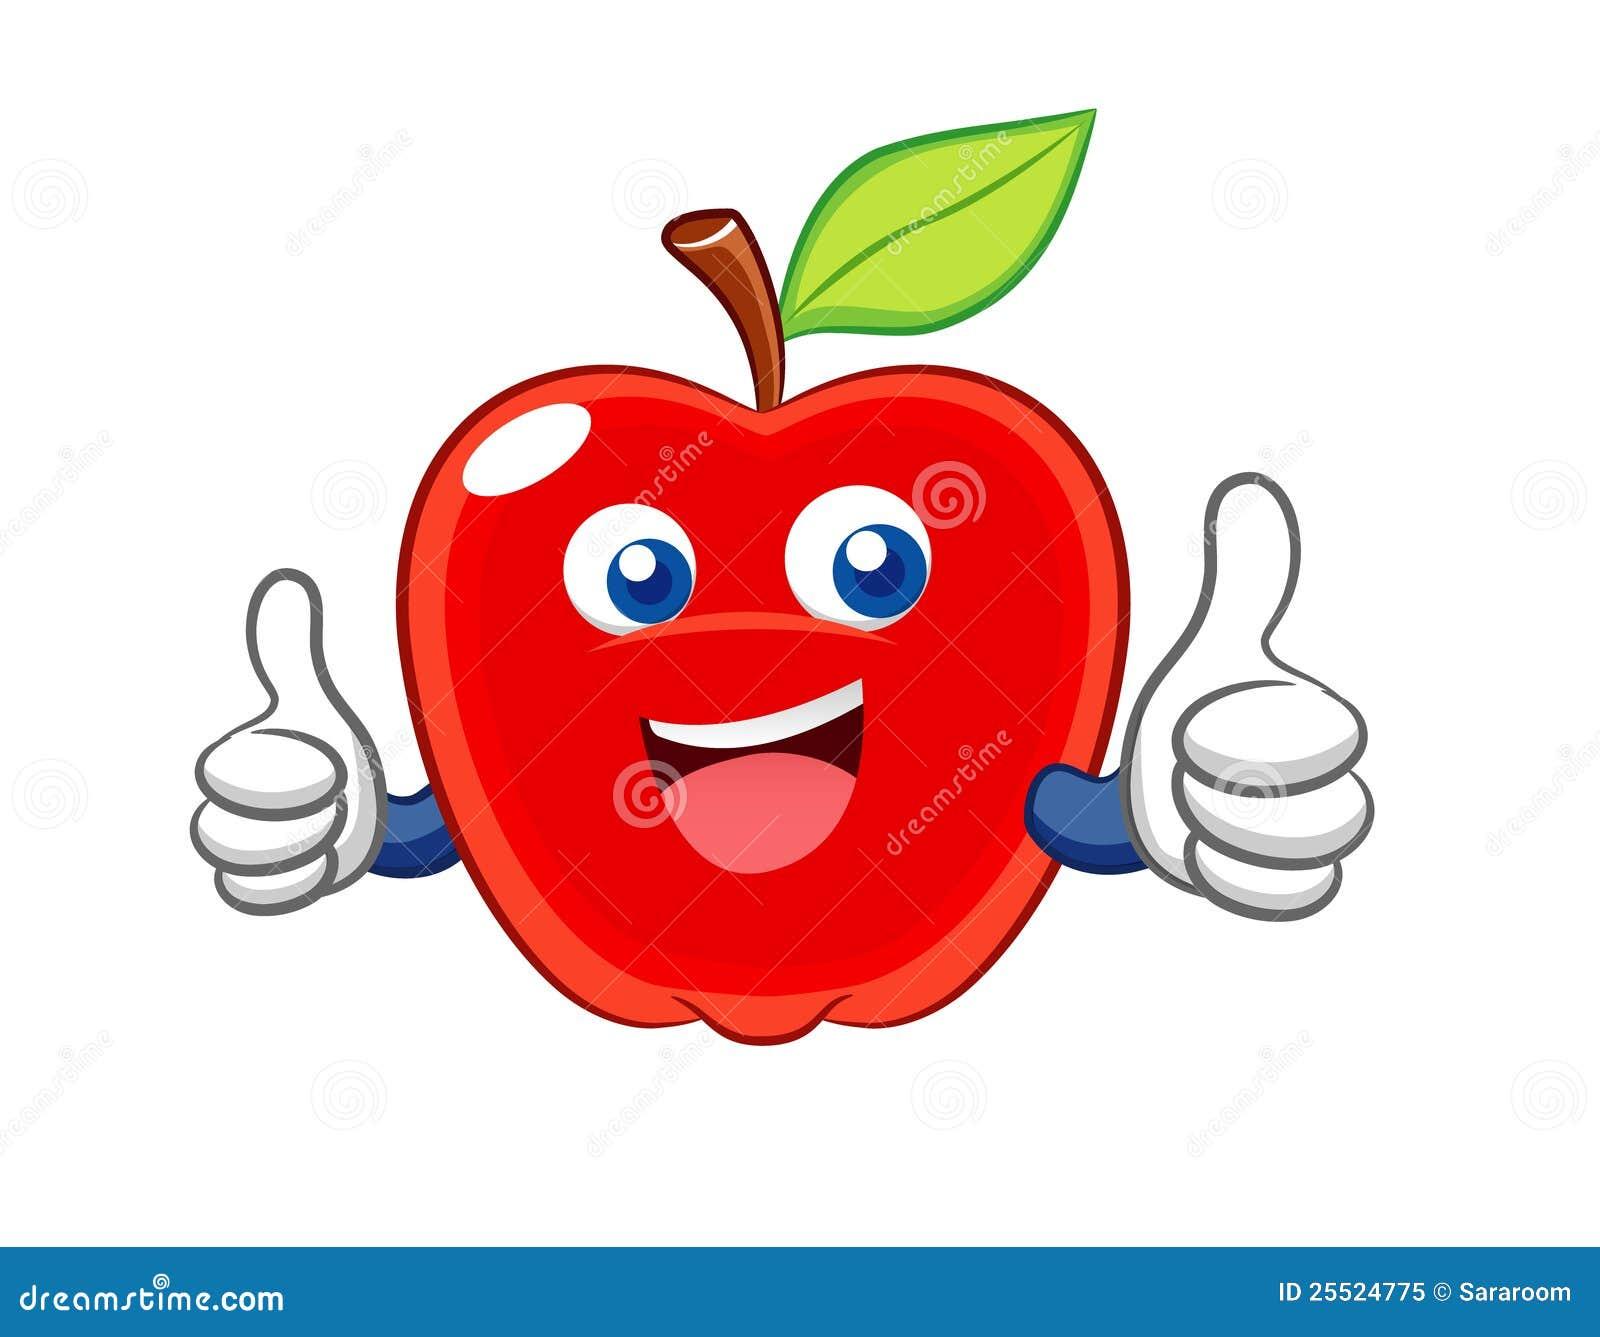 Apple Smile Cartoon Stock Vector Illustration Of Cartoon 25524775